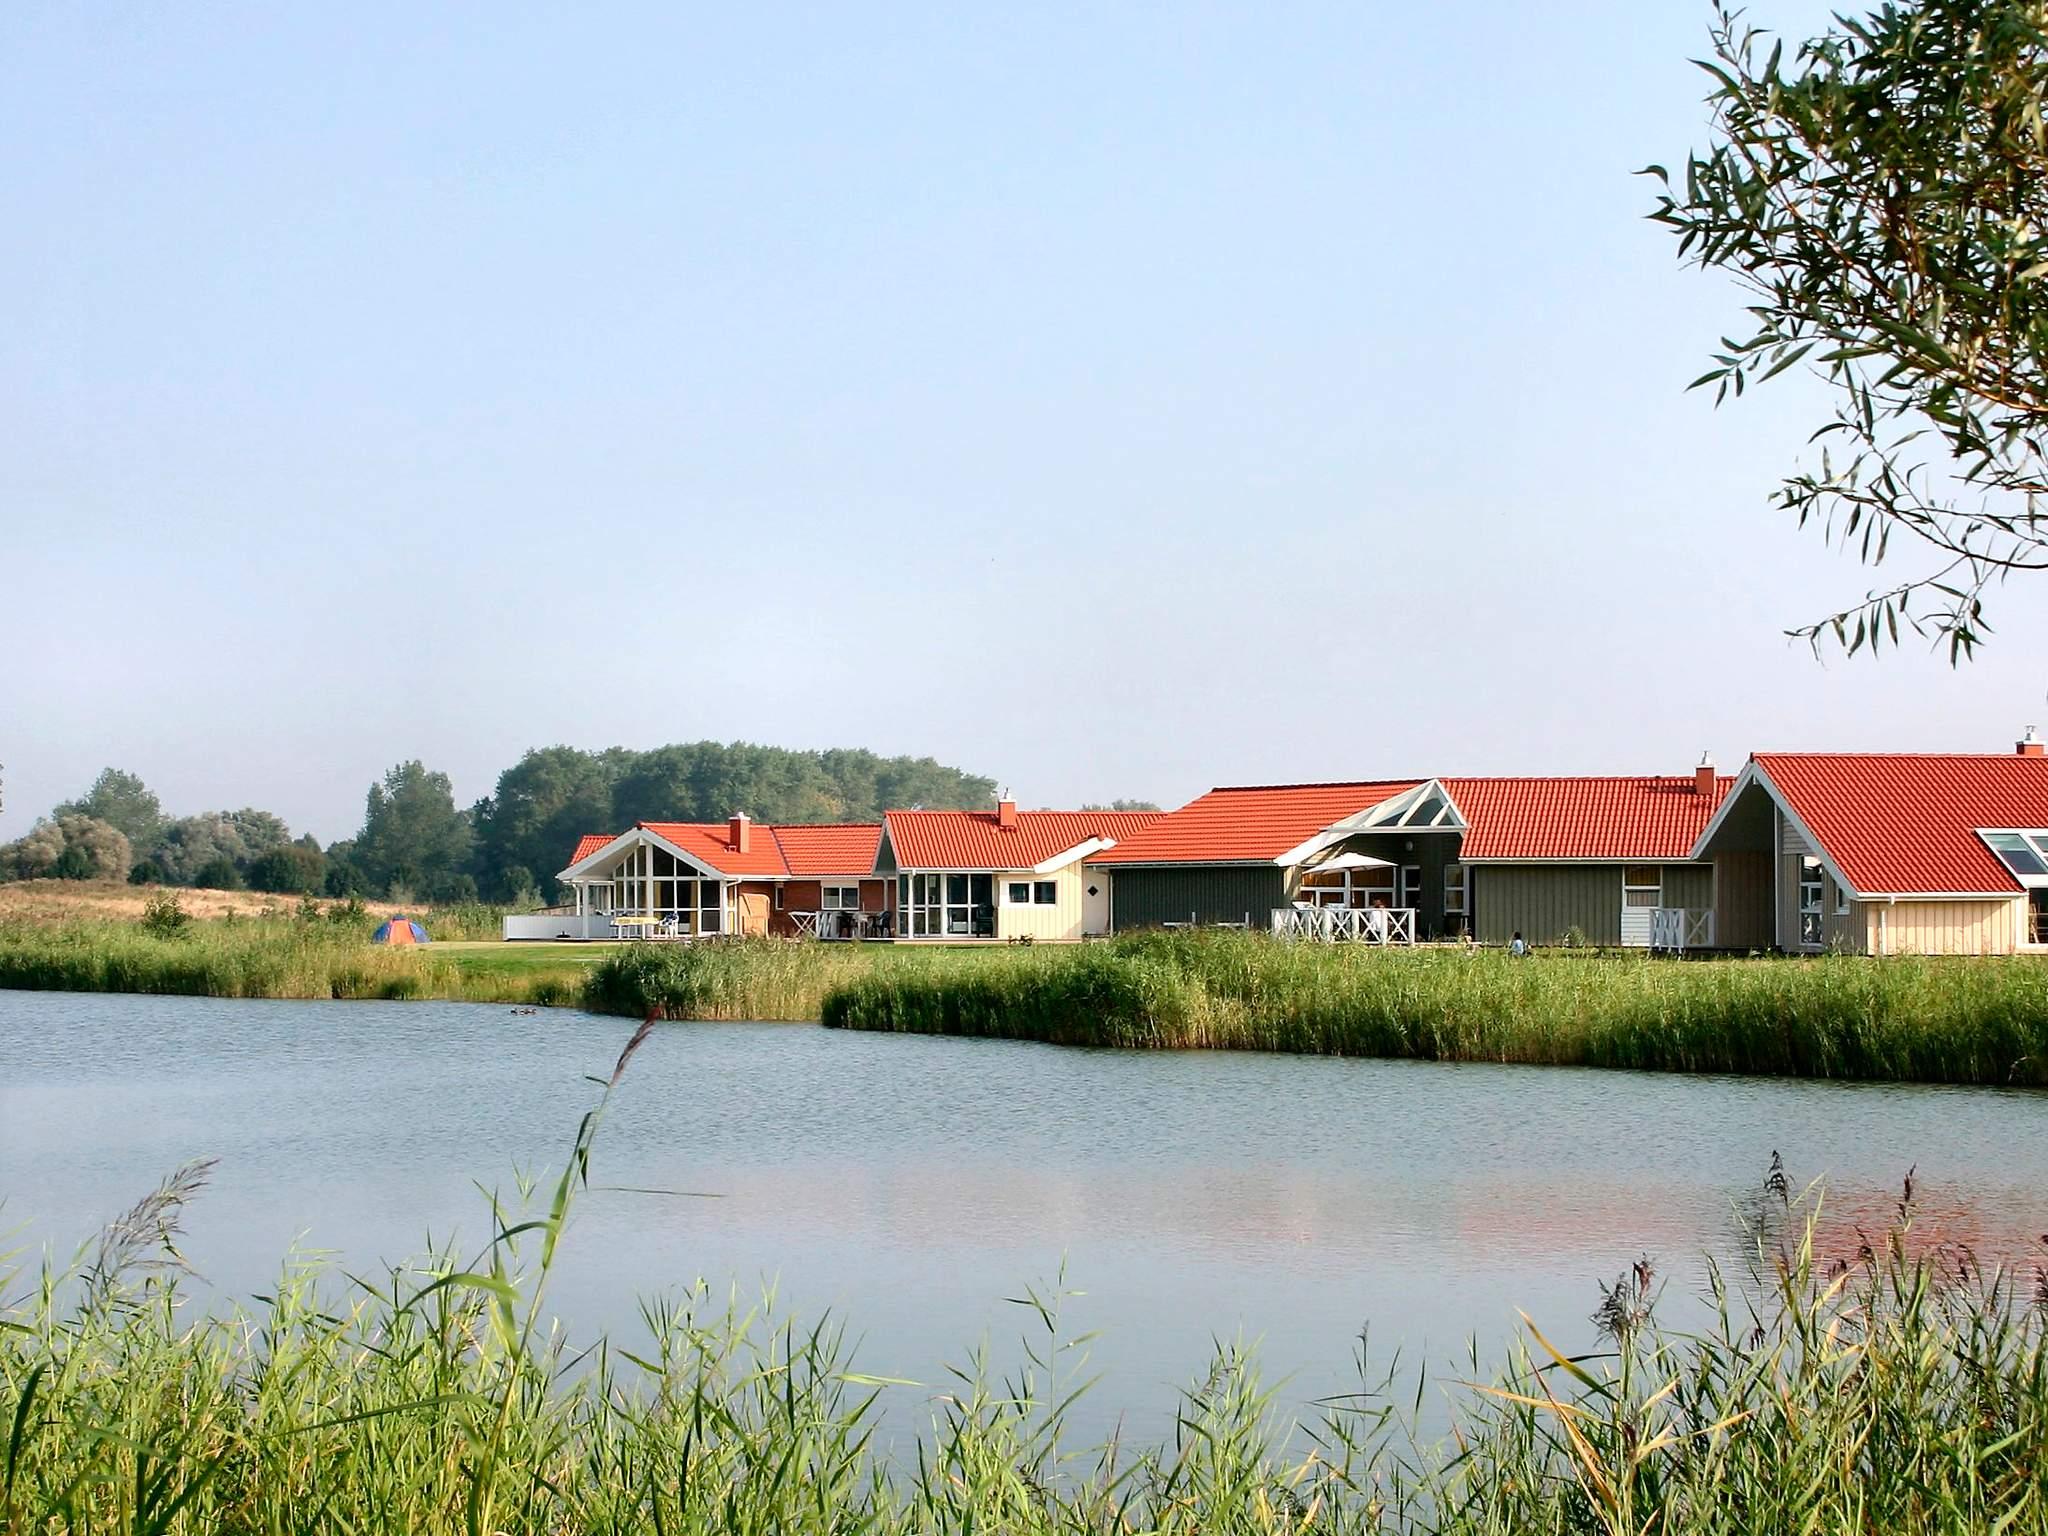 Ferienhaus Otterndorf (124807), Otterndorf, Cuxhaven, Niedersachsen, Deutschland, Bild 2